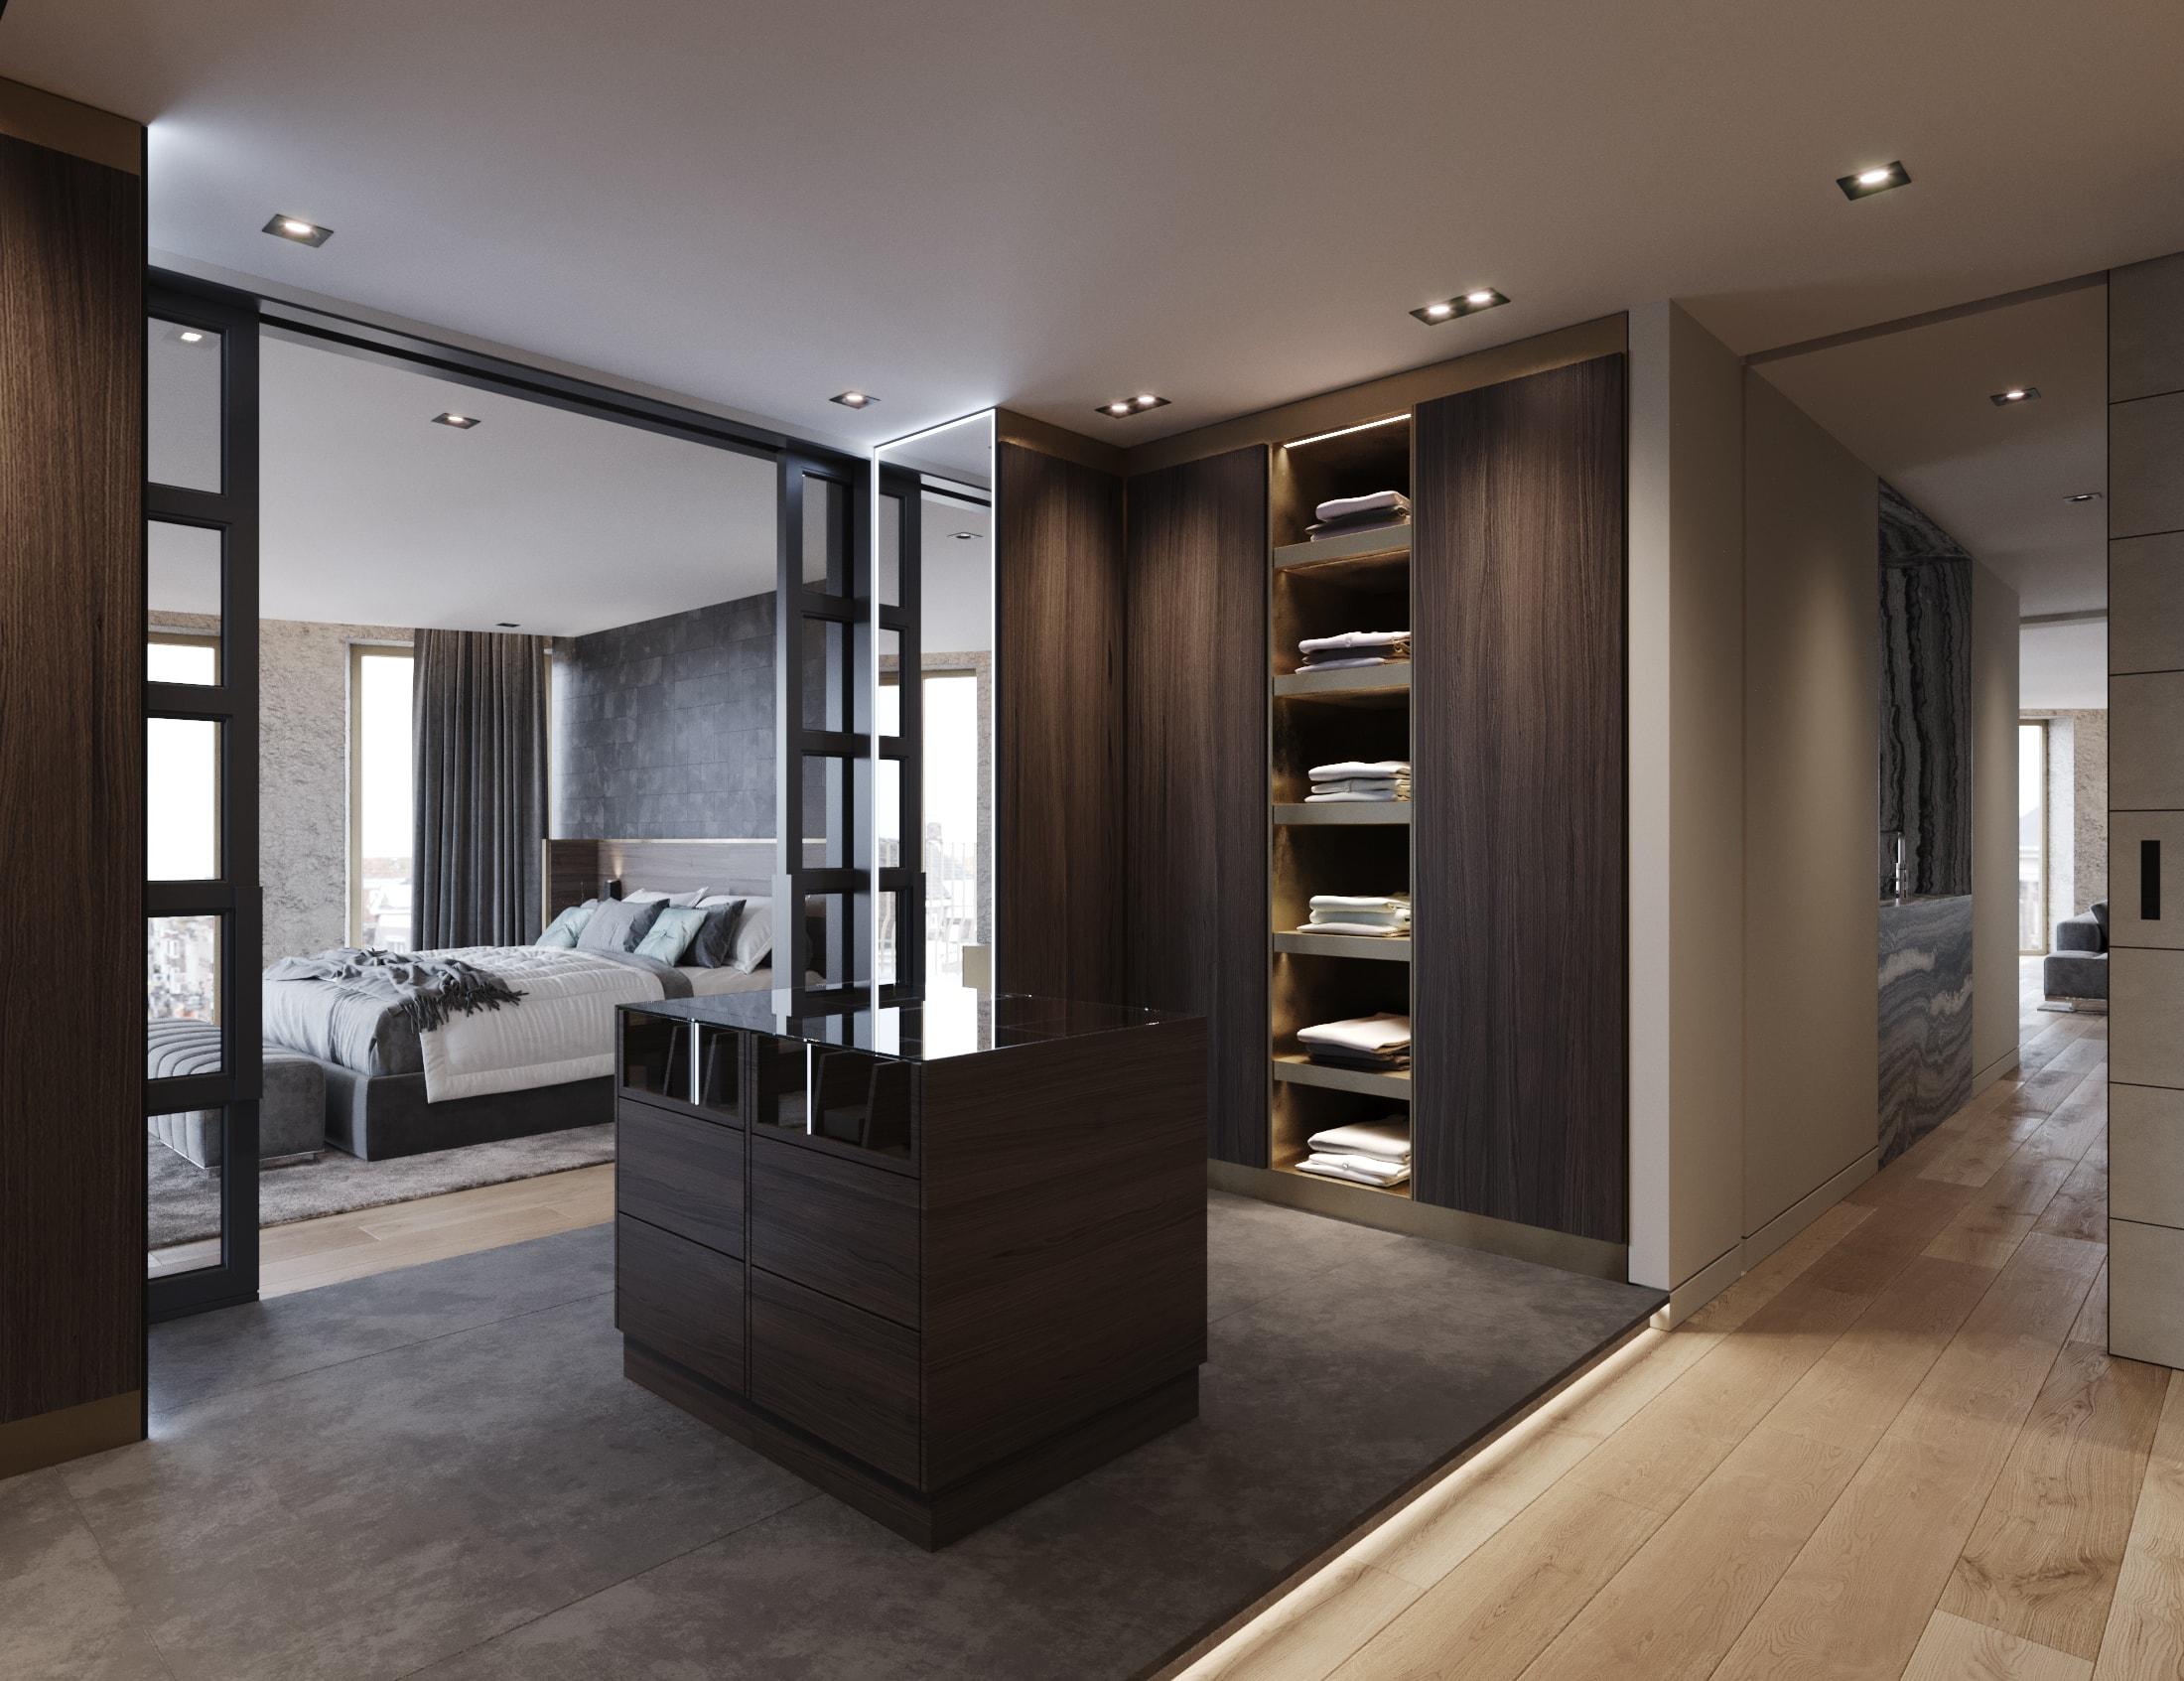 Merckt Groningen Appartementen op de hoek van De Grote Markt, DUIN INTERIOR Interieur. Een luxe inloopkast op maat gemaakt. Details in messing.